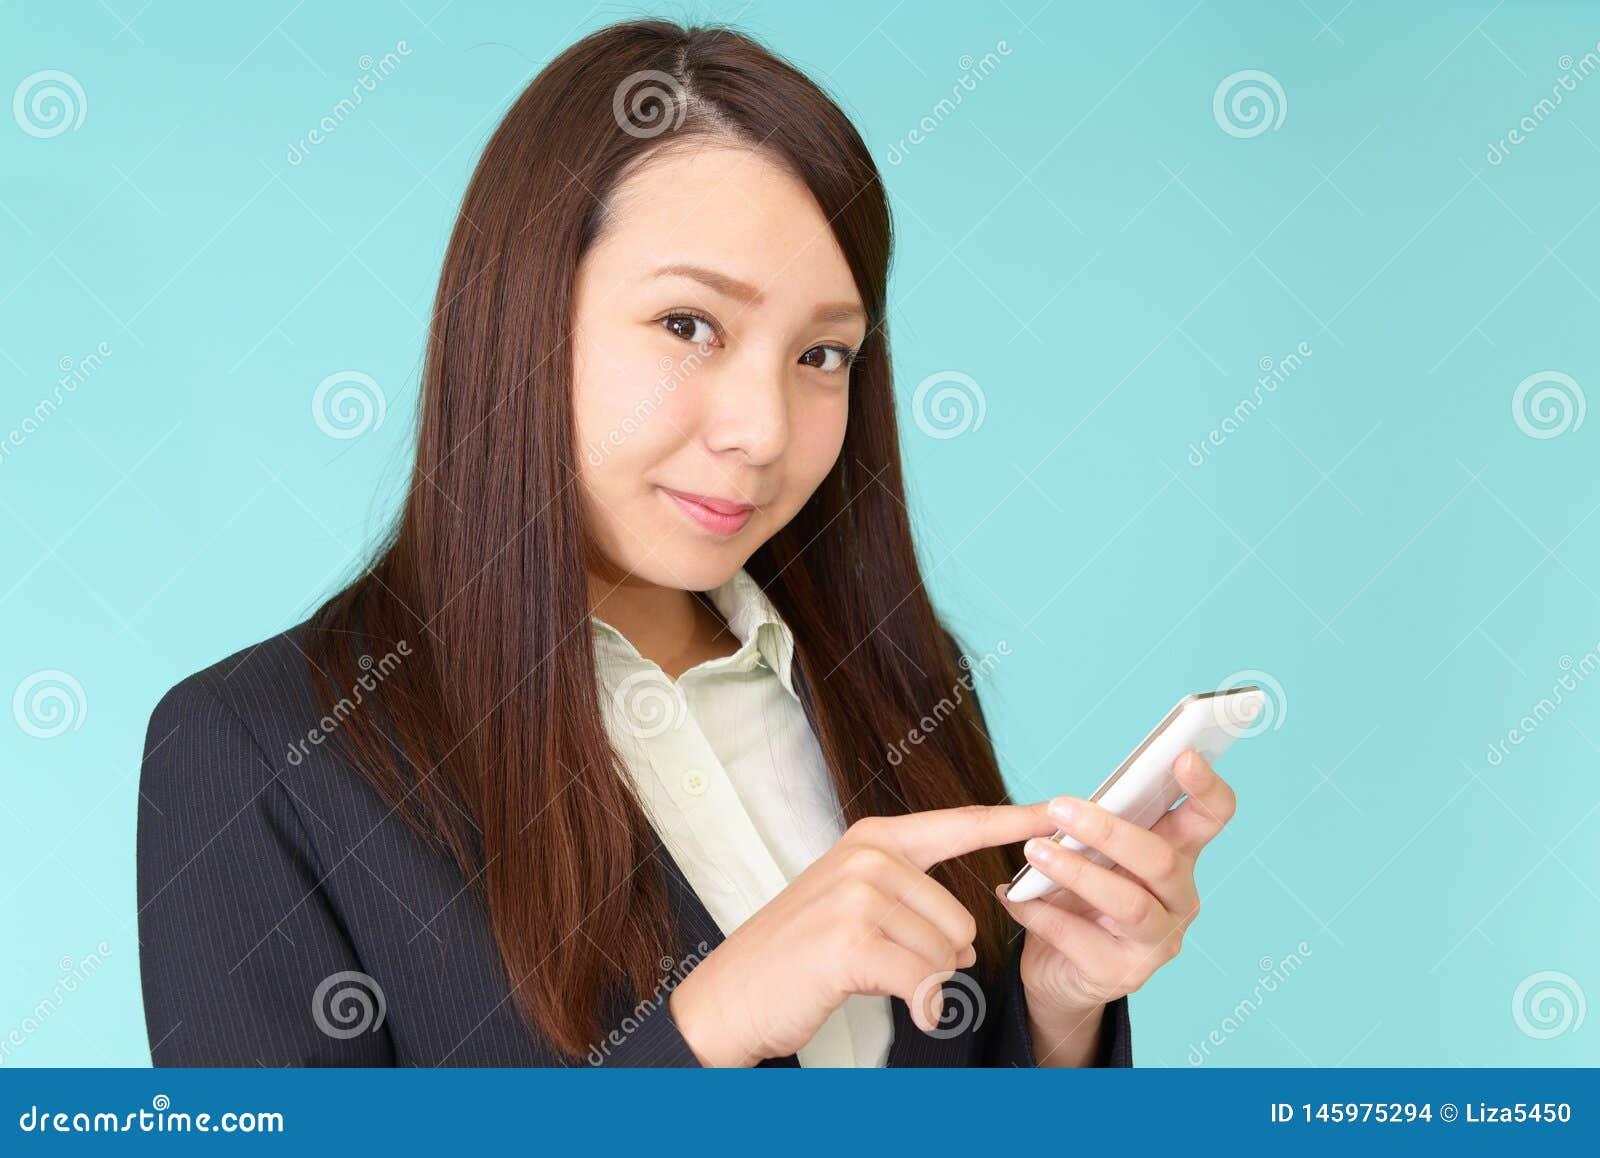 Επιχειρησιακή γυναίκα που χρησιμοποιεί ένα έξυπνο τηλέφωνο